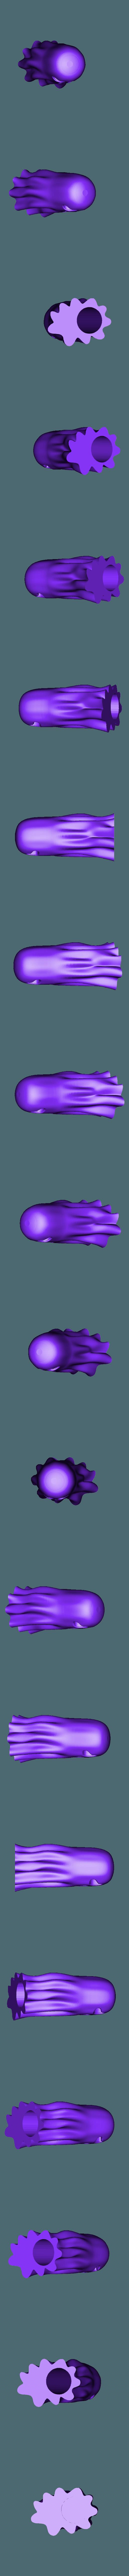 Cute_Ghost.stl Télécharger fichier STL gratuit Lampe Fantôme Halloween #3DSIMO • Modèle imprimable en 3D, maxime74